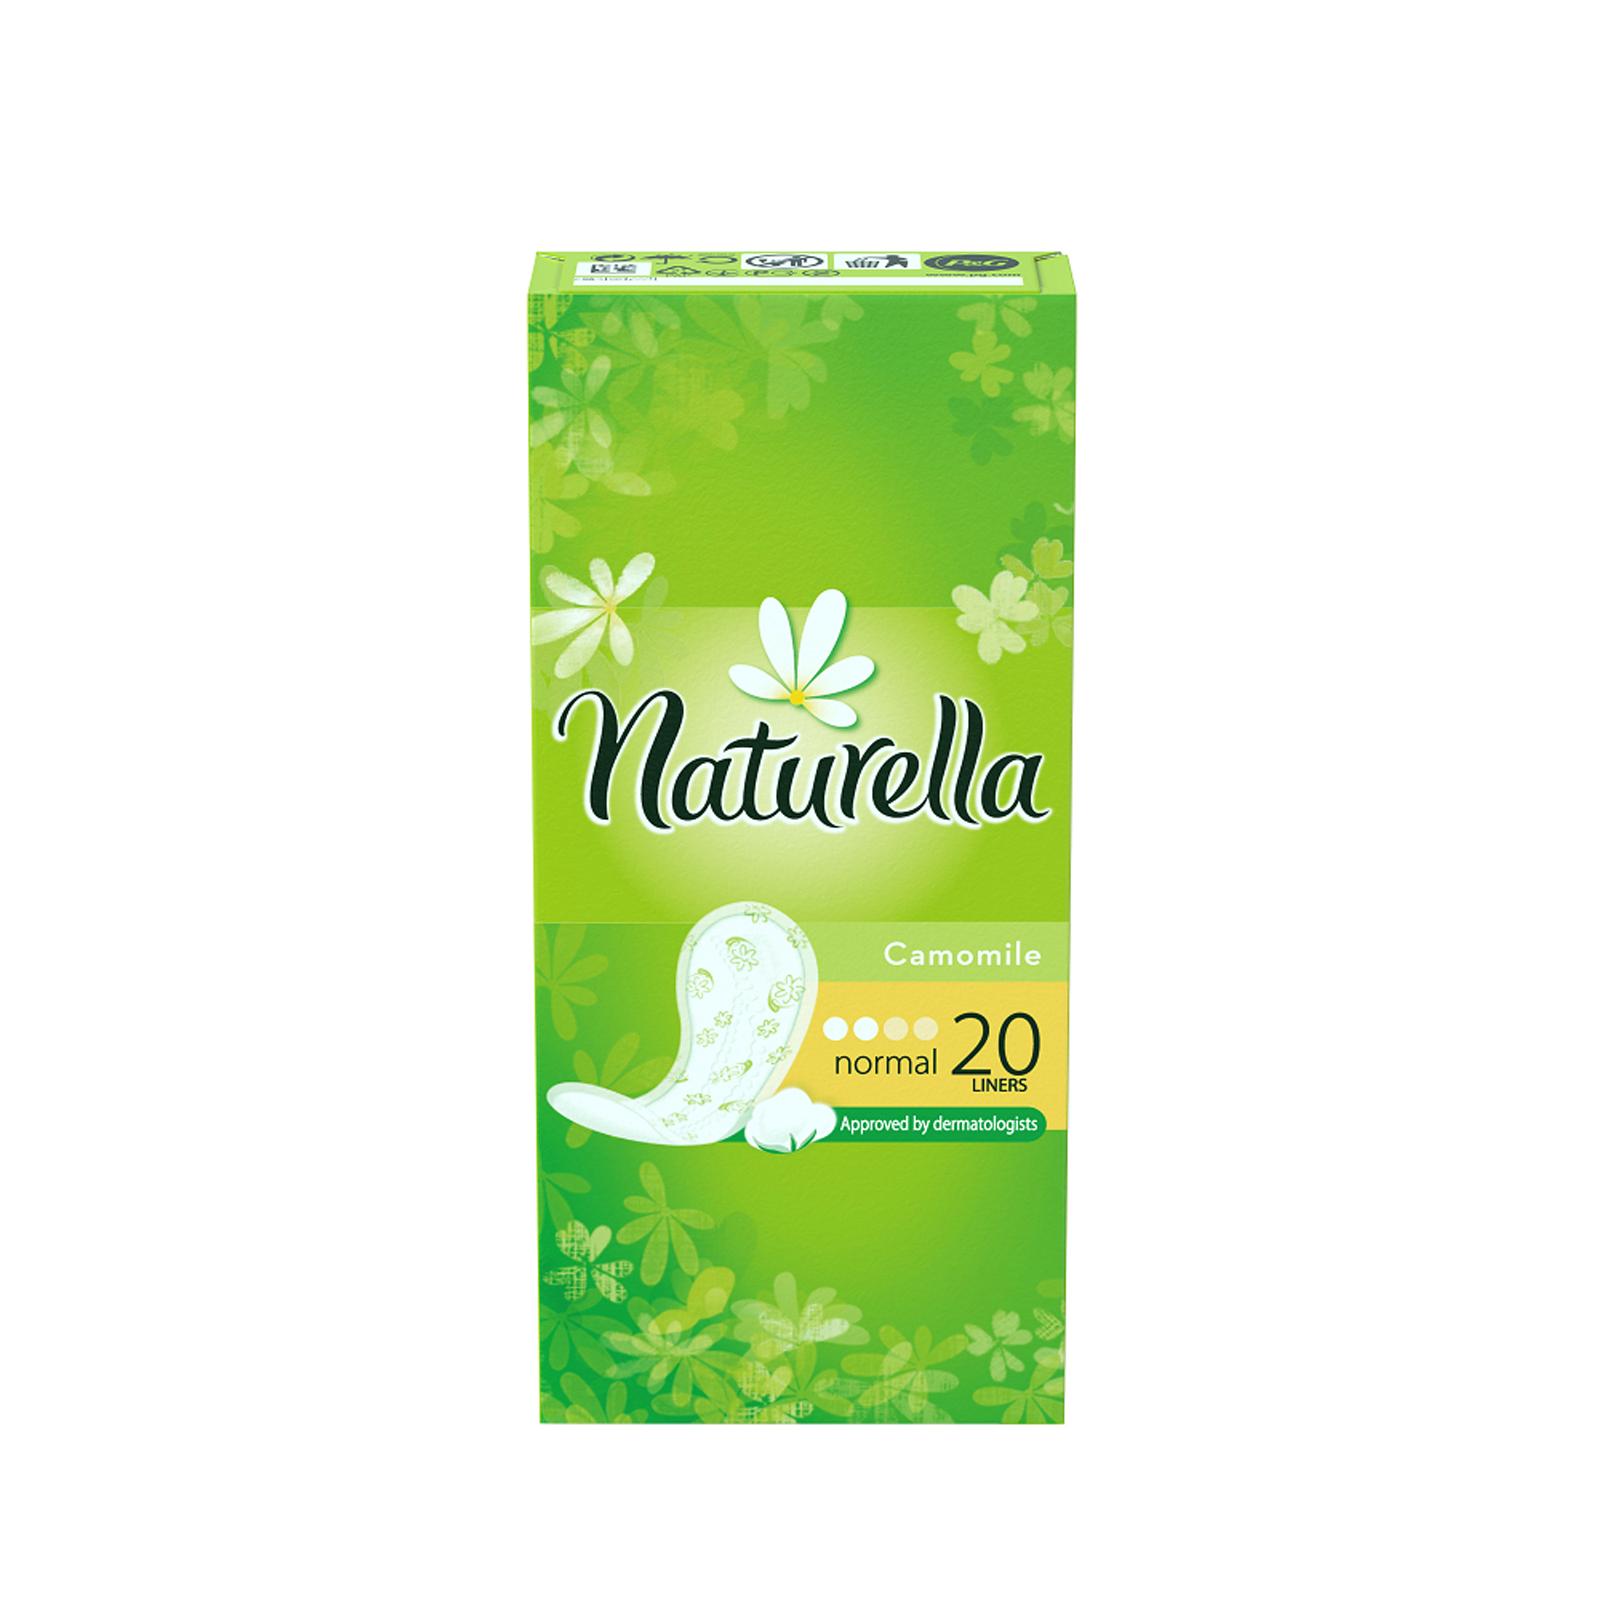 Naturella Женские гигиенические прокладки на каждый день Camomile Normal Single 20штSatin Hair 7 BR730MNСохрани свежесть в течение всего дня с ежедневными прокладками Naturella Normal. Эти воздухопроницаемые ежедневные прокладки толщиной 0,9 мм с мягким, как лепесток, верхним слоем и легким ароматом, вдохновленным самой природой, обеспечивают свежесть и комфорт каждый день.Одобренные дерматологическим институтом proDERM ежедневные прокладки Naturella каждый день обеспечивают заботу о женской гигиене, которой можно доверять.Одобренные дерматологическим институтом proDERM ежедневные прокладки Naturella каждый день обеспечивают заботу о женской гигиене, которой можно доверять.Ежедневные прокладки Naturella отлично защищают нижнее белье при выделениях из влагалища, нерегулярном цикле и выделениях перед менструацией. Во время менструации обязательно воспользуйтесь прокладками Naturella для усиленной защиты. Супермягкий верхний слой обеспечивает дополнительный комфорт в интимной зонеВоздухопроницаемые и тонкие как лепесток (0,9 мм)Дышащий верхний слой и легкий аромат ромашки для ежедневной свежестиОдобрено дерматологами всемирно известного немецкого института proDERM и гарантируют женщинам надежную защиту, которой можно доверять